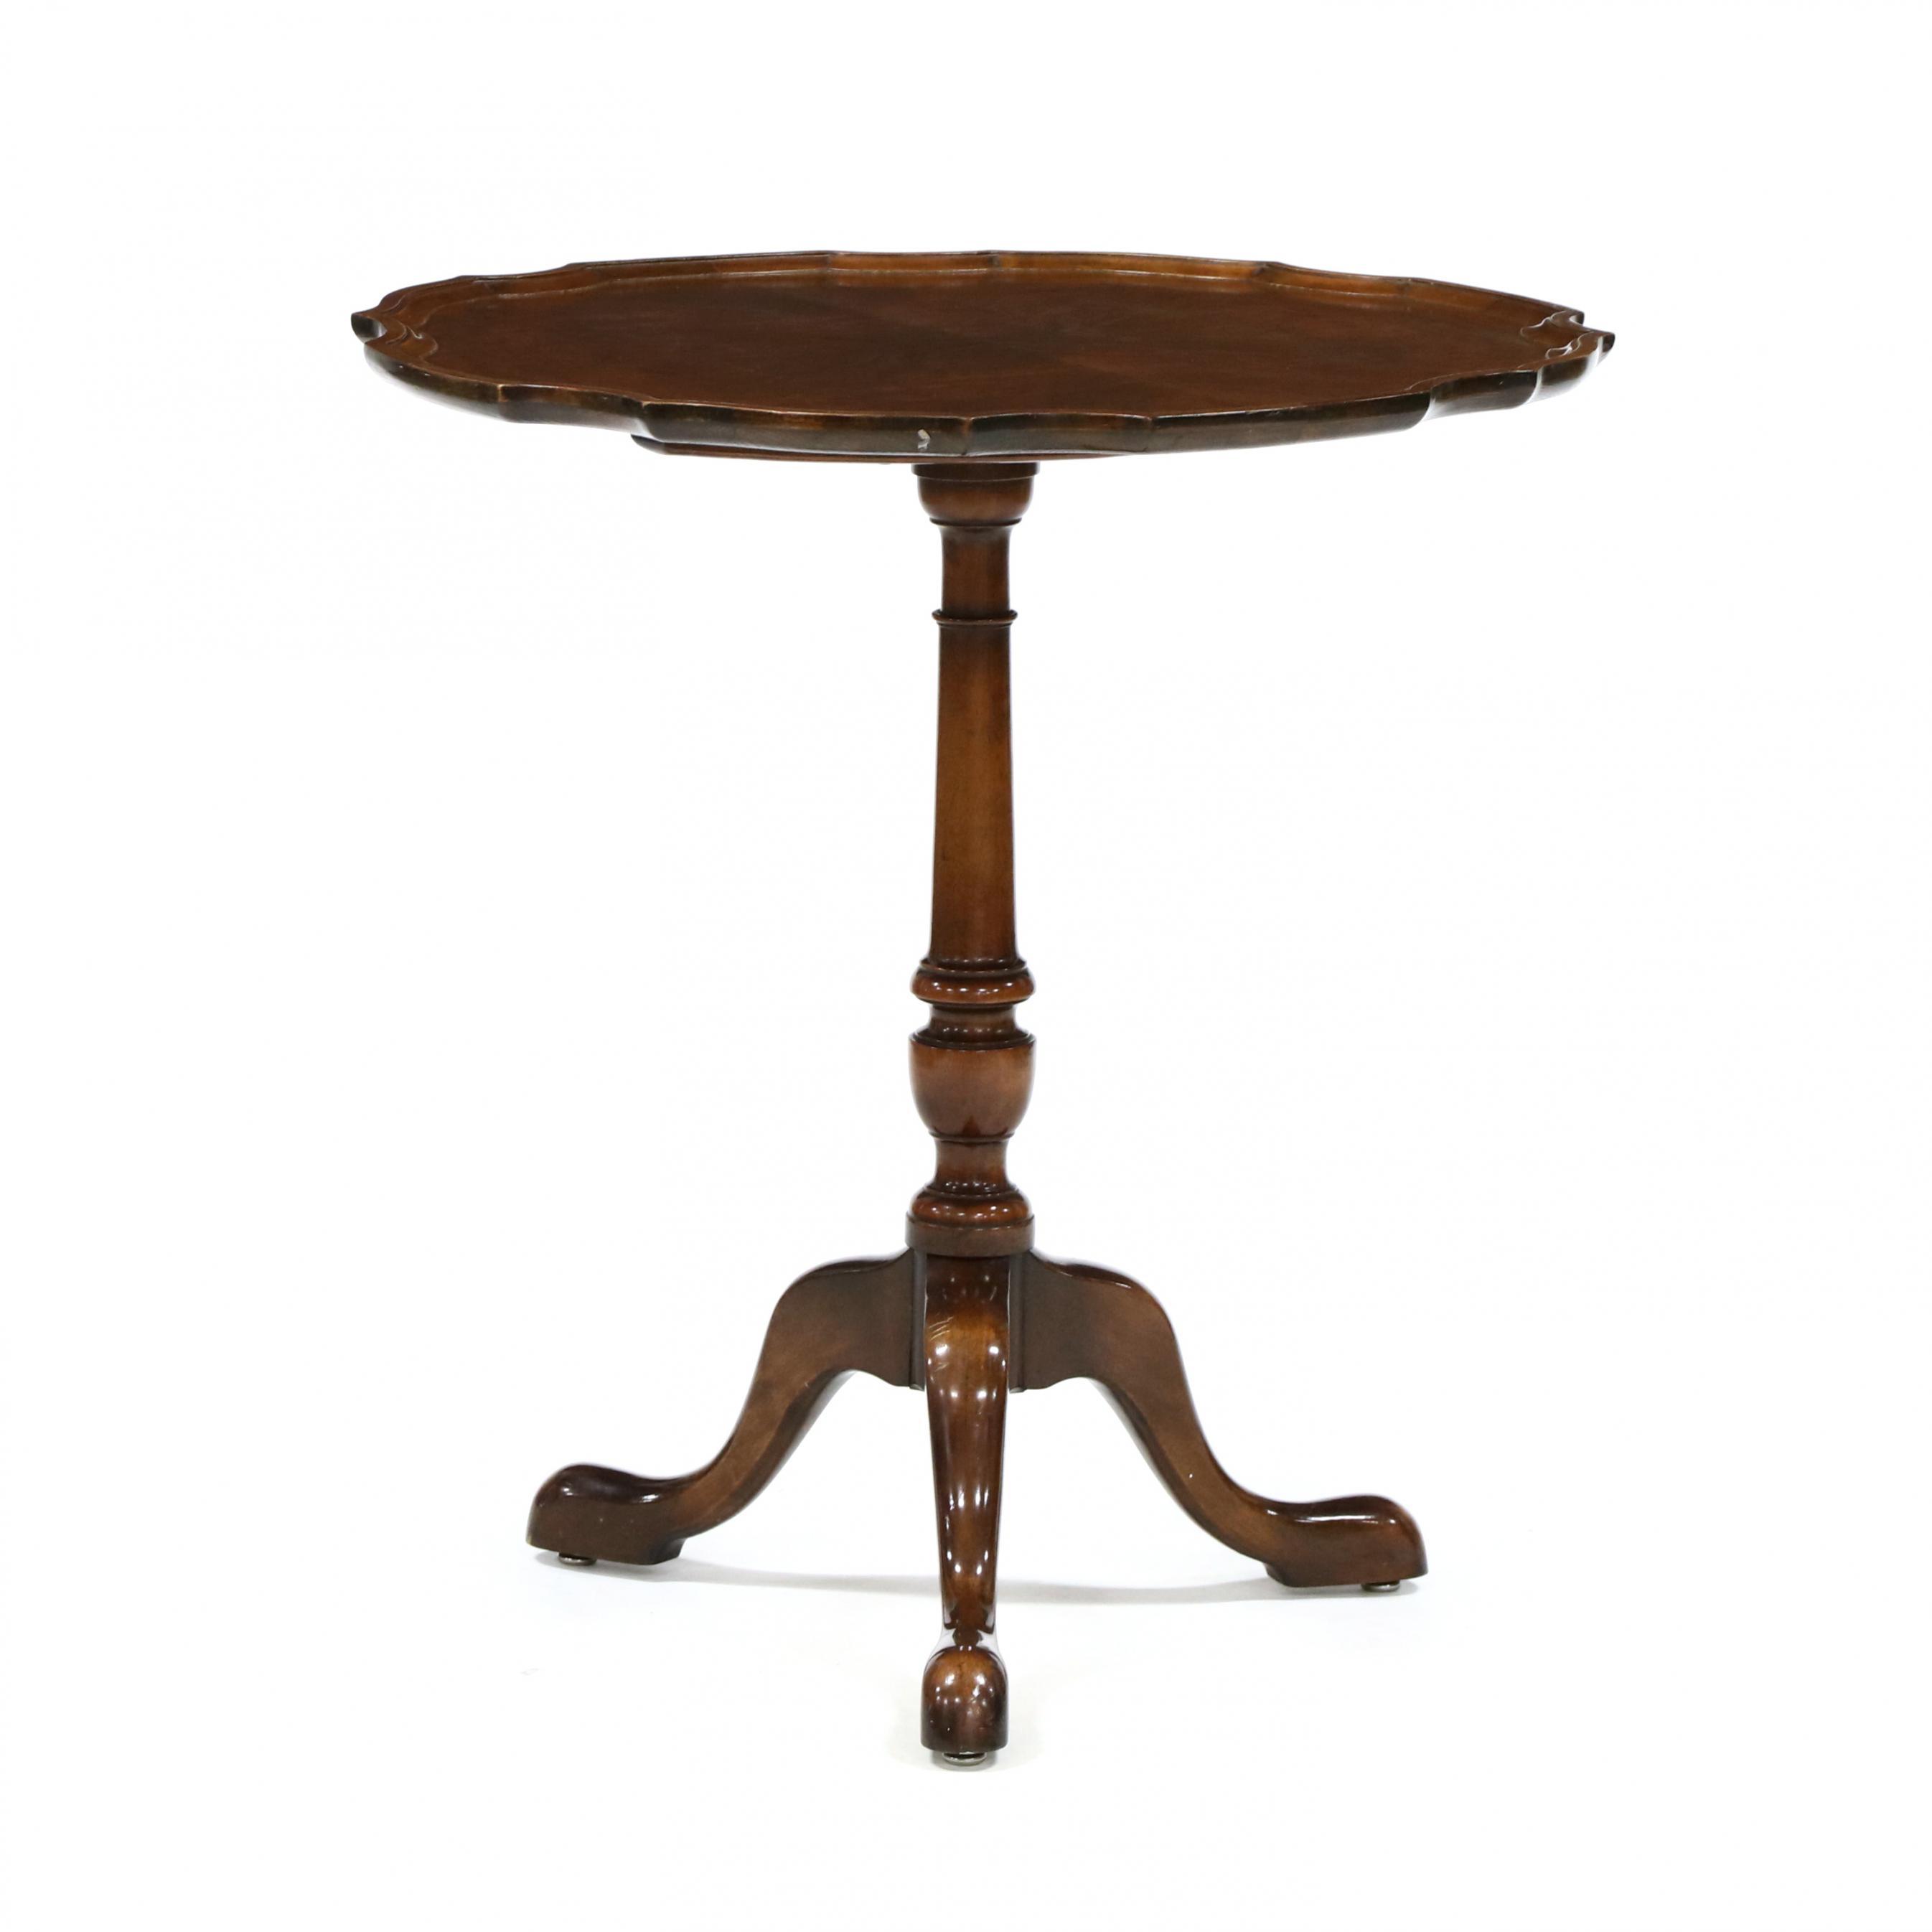 queen-anne-style-pie-crust-tilt-top-tea-table